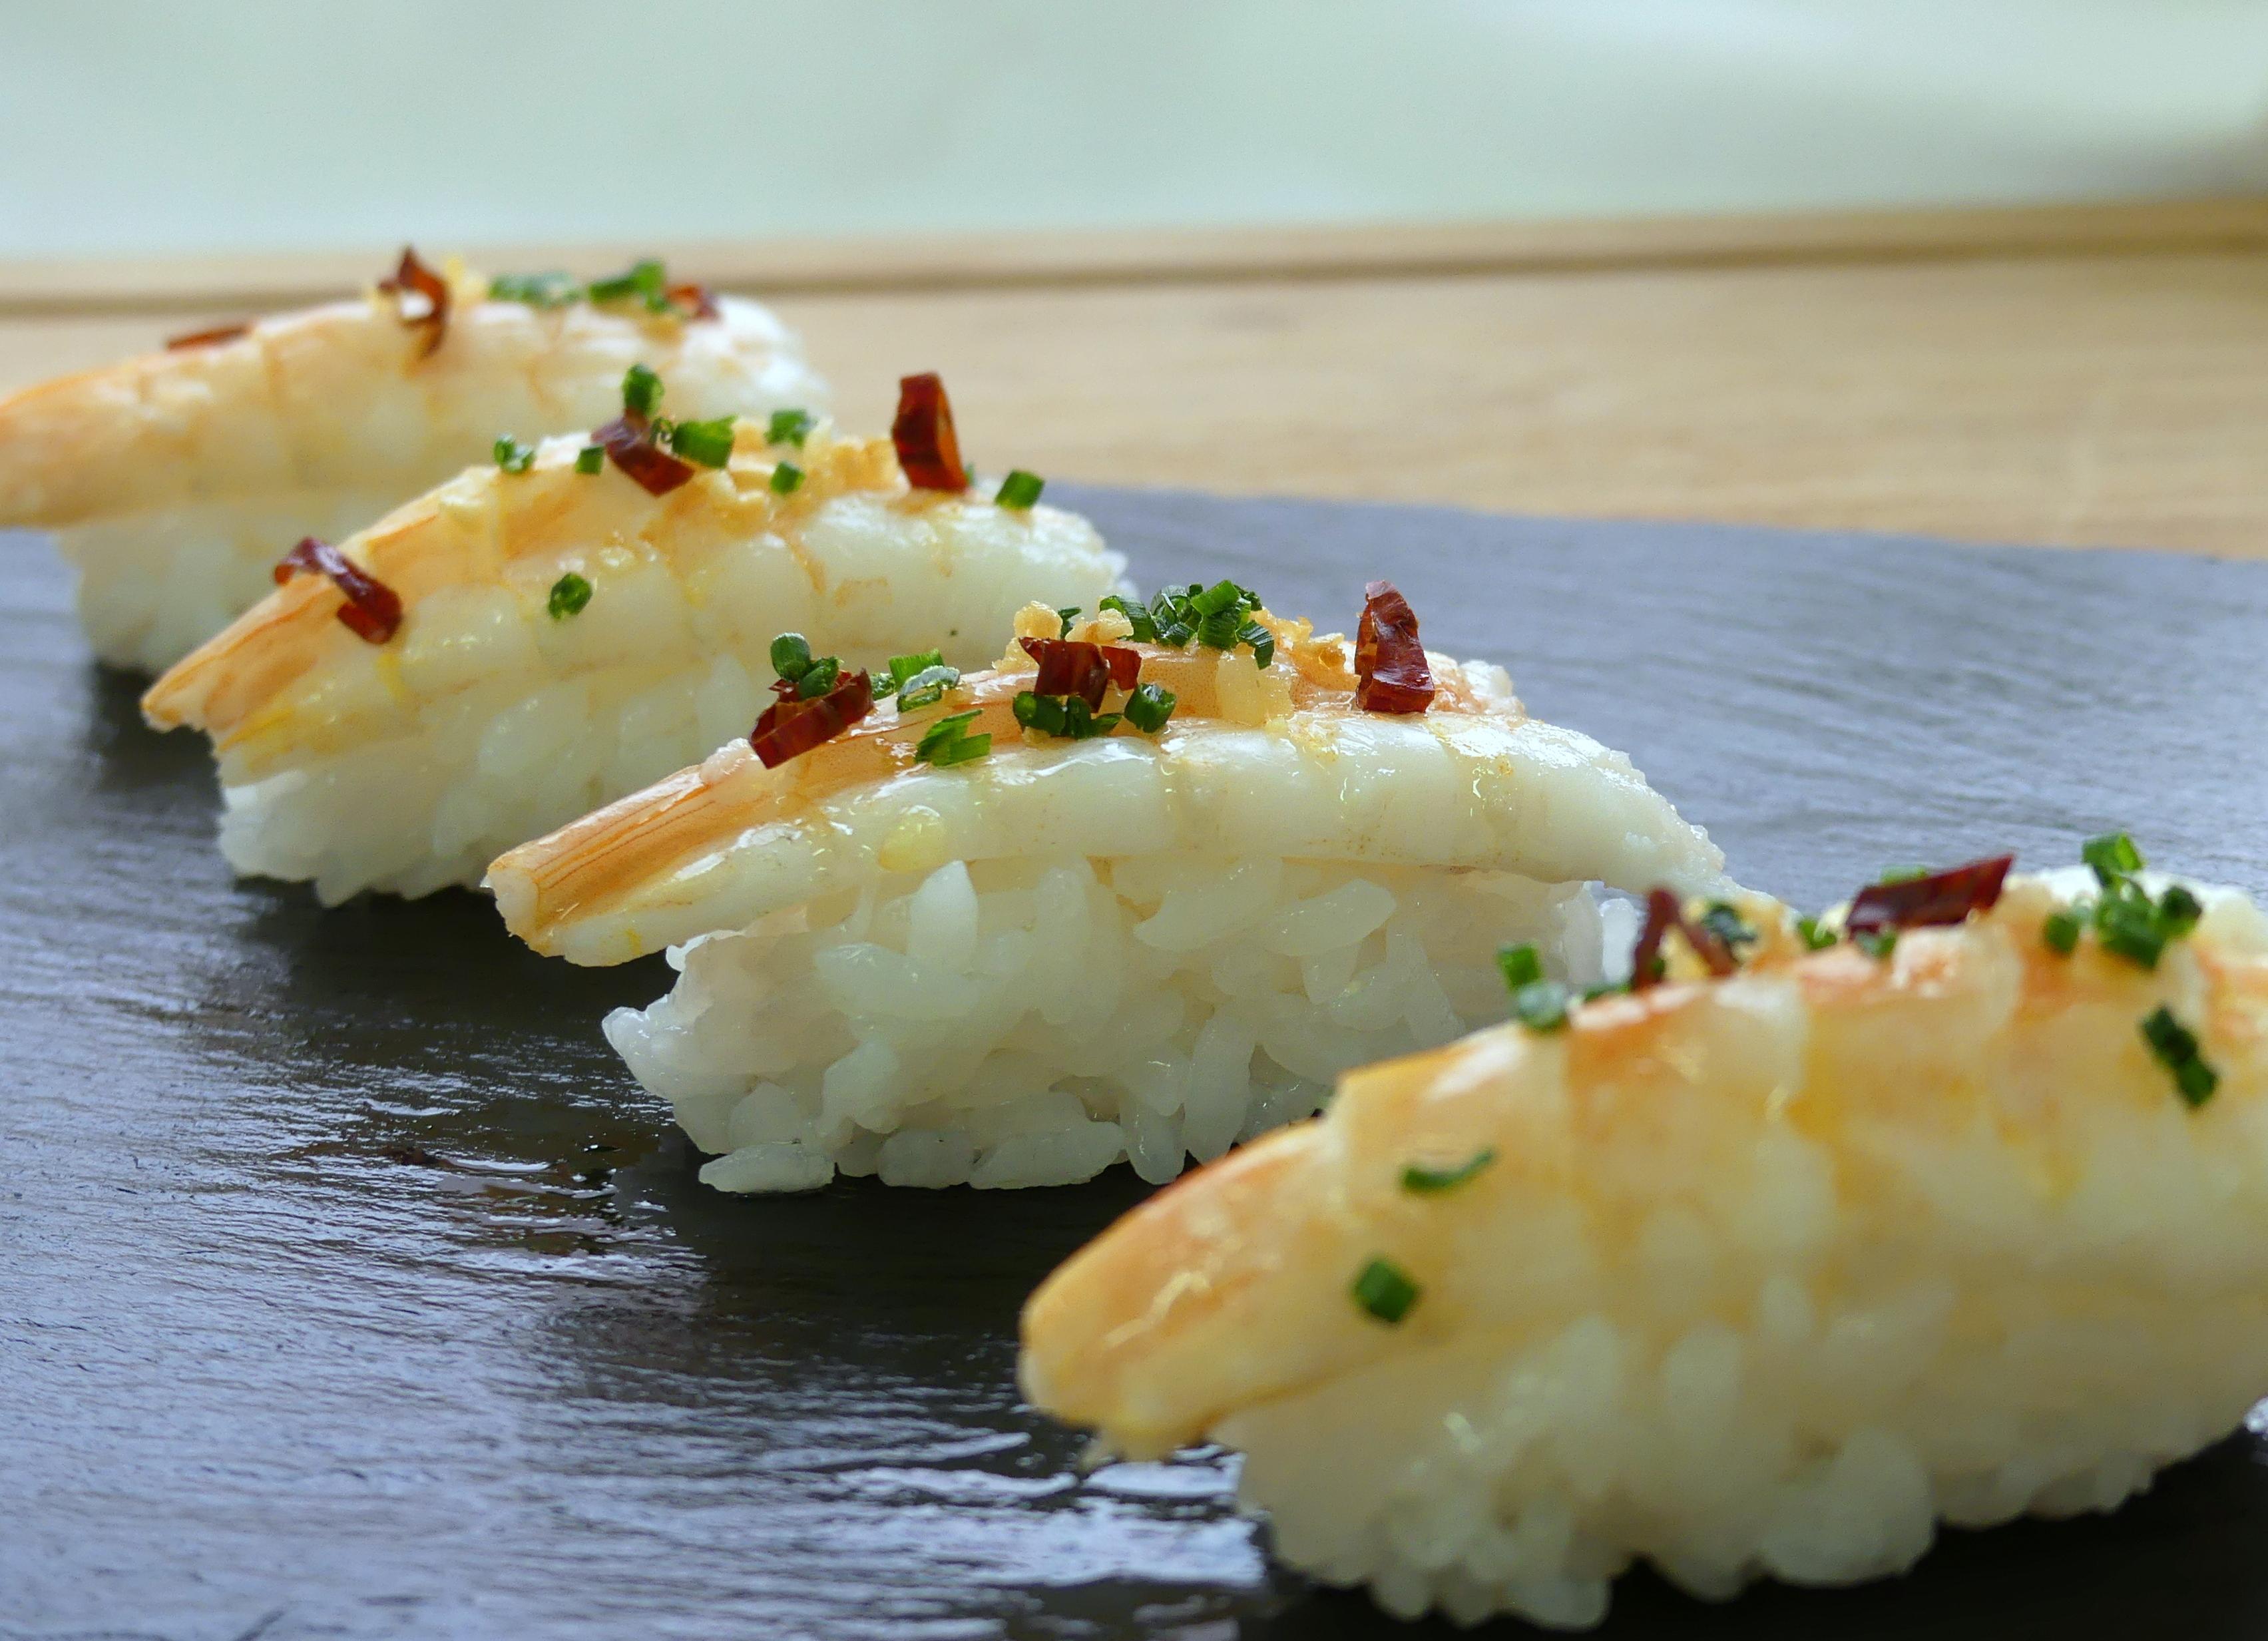 Nigiri Sushi De Gamba Al Ajillo Gastronomia Vasca Escuela De Hosteleria Leioa